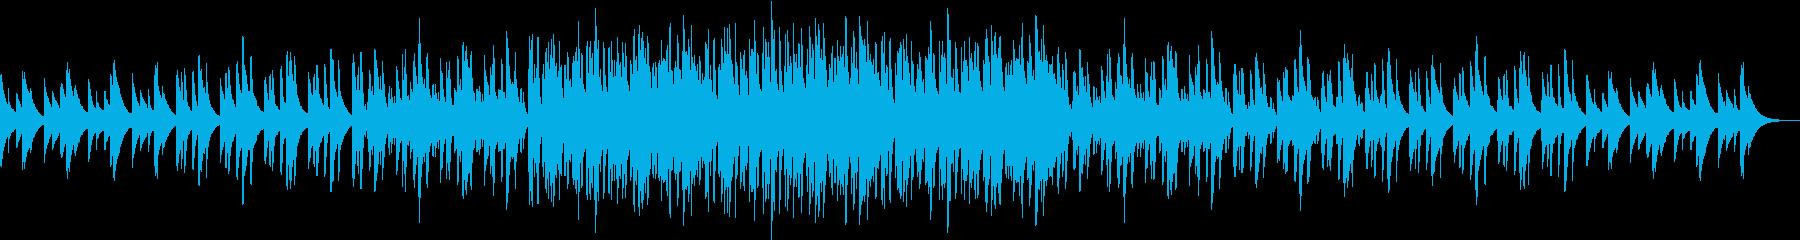 綺麗な音色の楽器が響き合う癒し系音楽の再生済みの波形